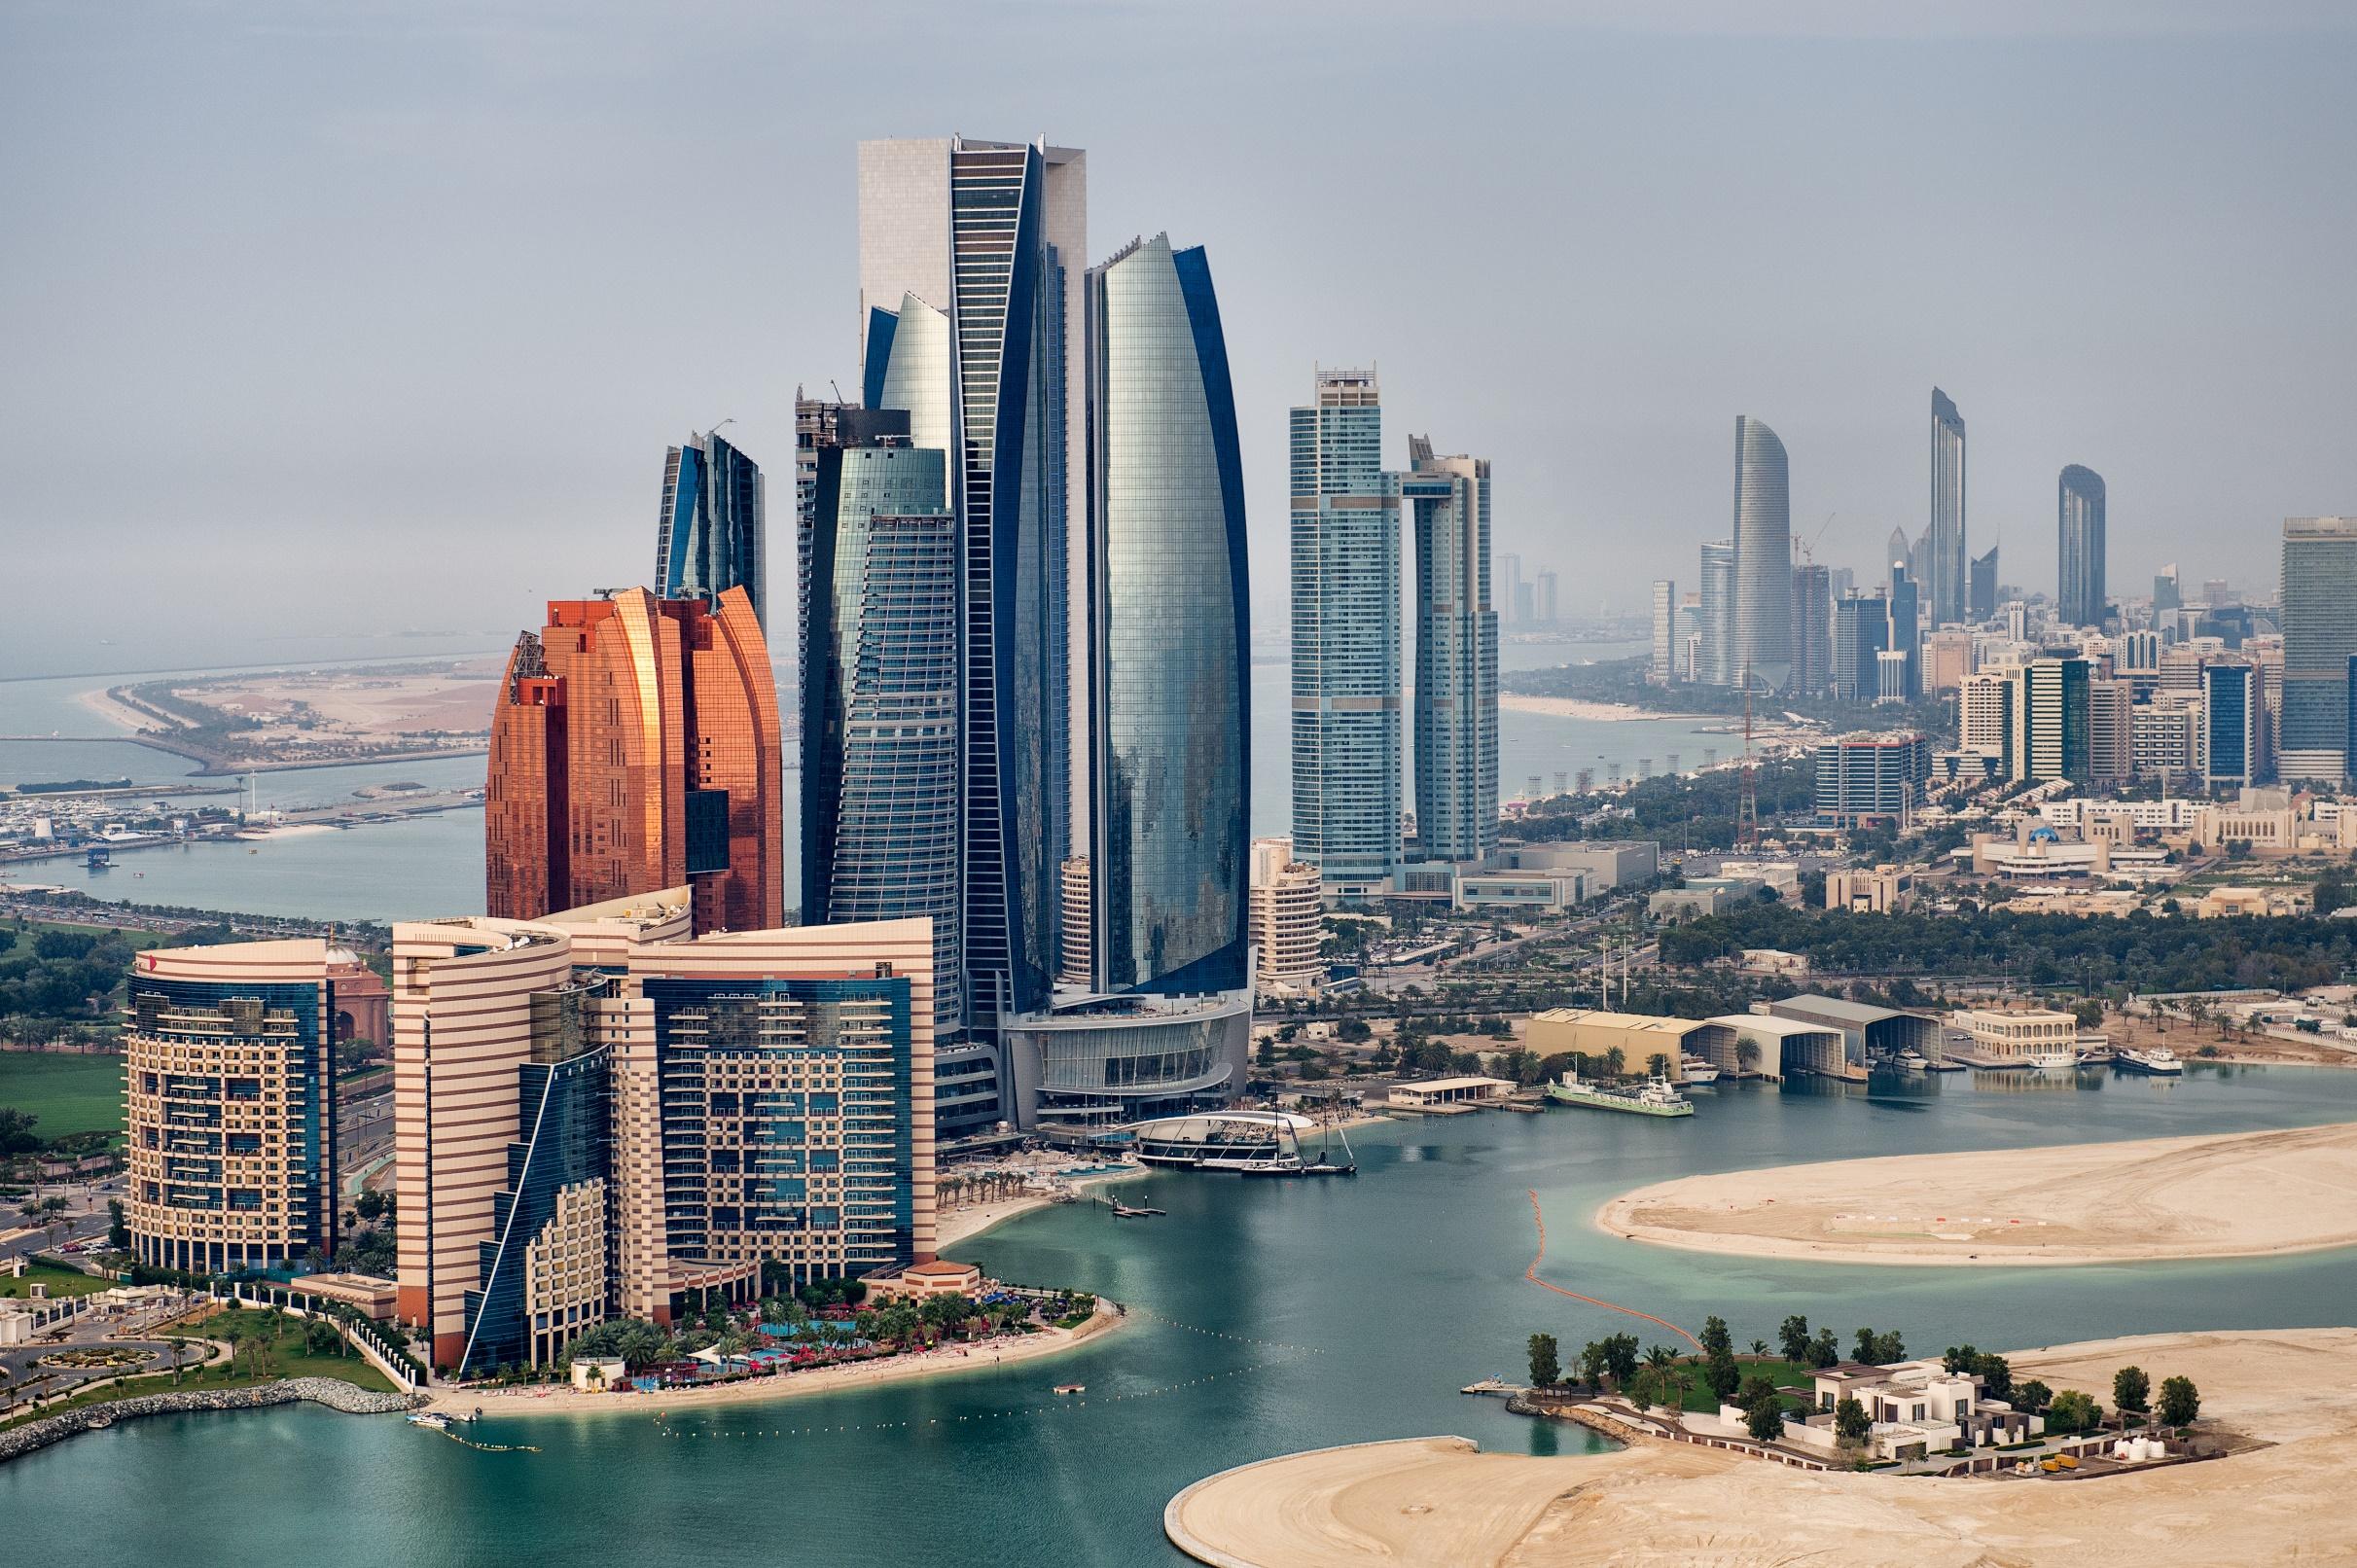 هيئة البيئة - أبوظبي تبدأ تنفيذ اللائحة التنفيذية بشأن جودة المياه البحرية